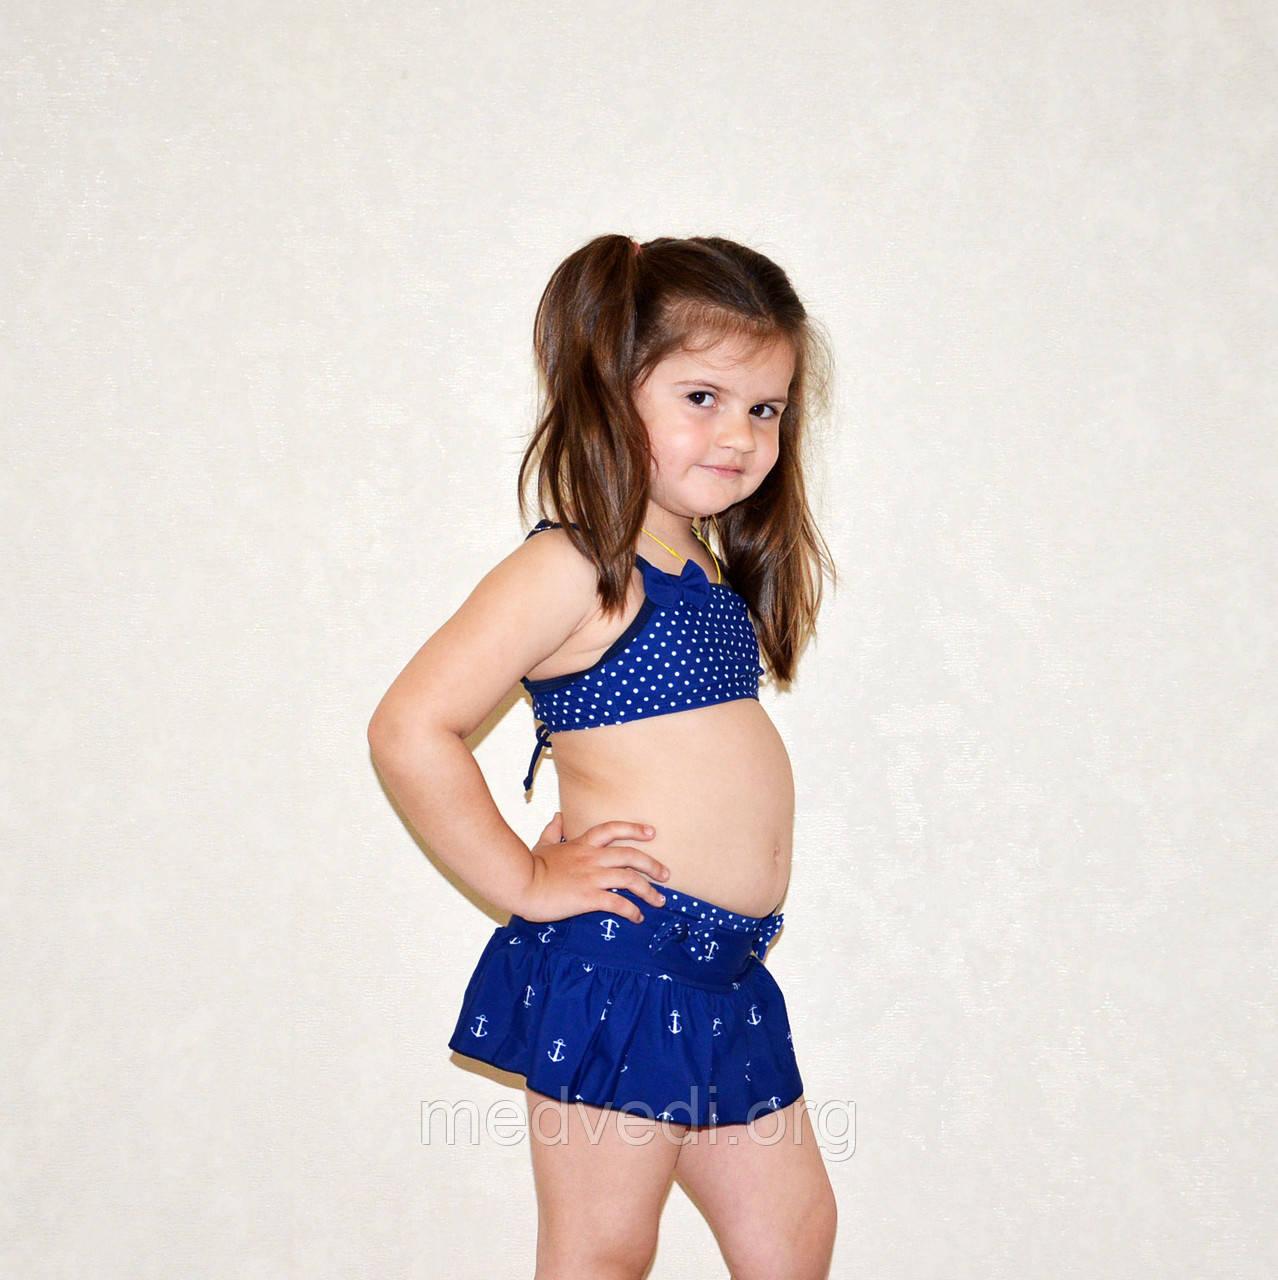 Дитячий купальник, комплект трійка для дівчинки на вік 8-10 років, зі спідницею, роздільний, розмір 36